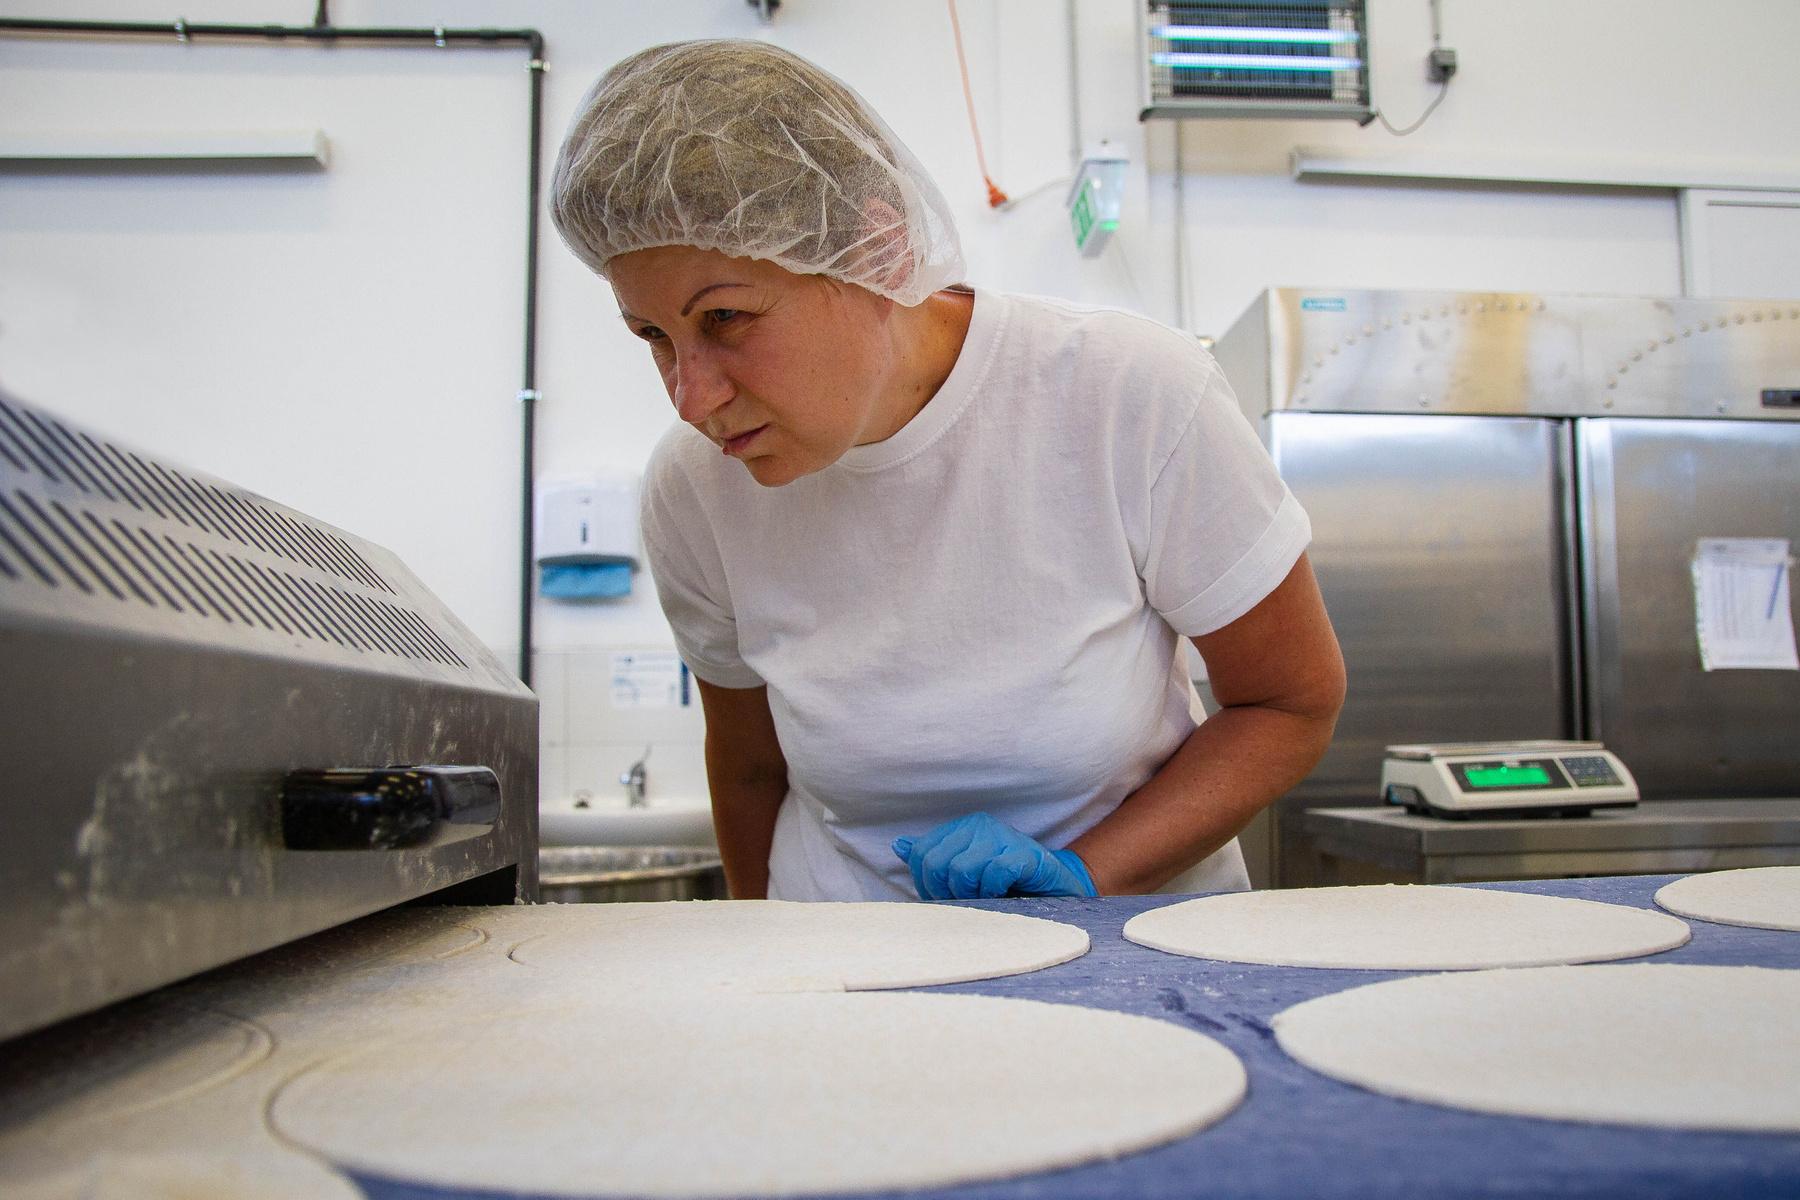 Gyermelyen a tészta saját lisztből és saját tojásból készül.